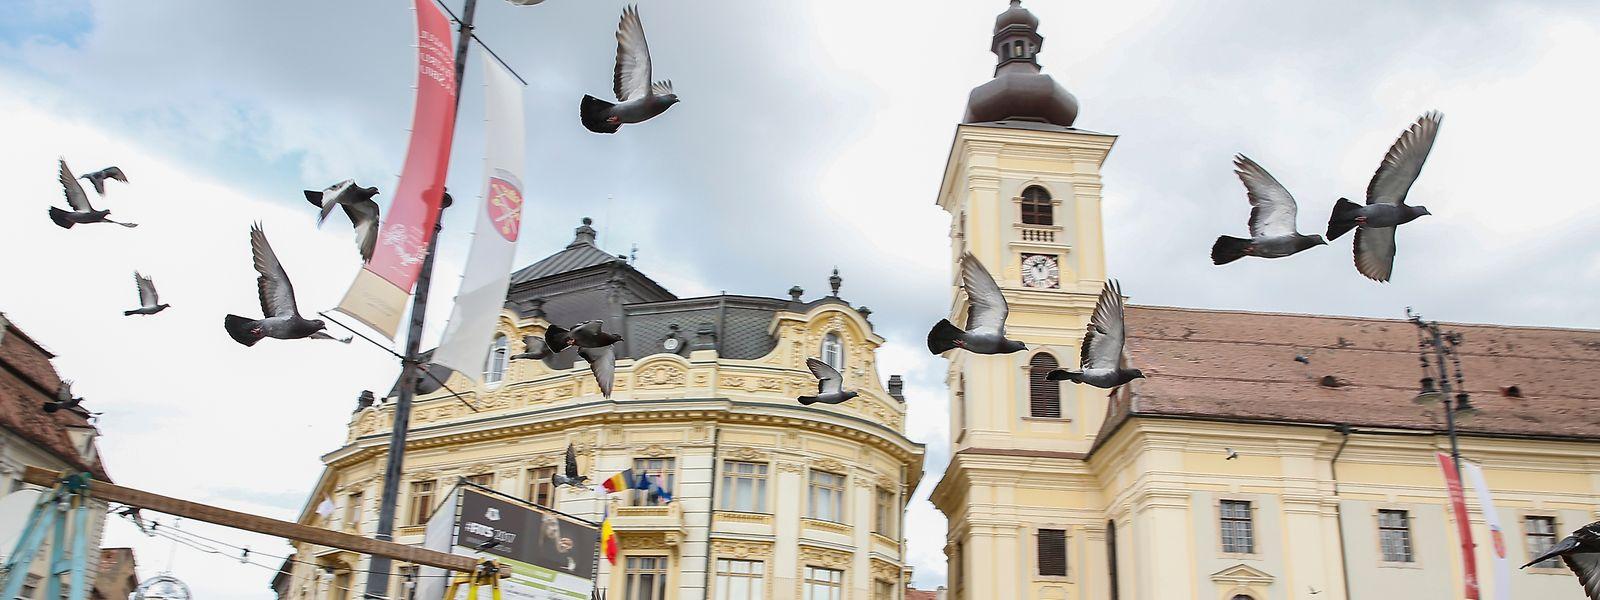 Monumentale Prachtbauten und moderne Kunstveranstaltungen: Sibiu weiß die Besucher mit mehreren Facetten zu begeistern.